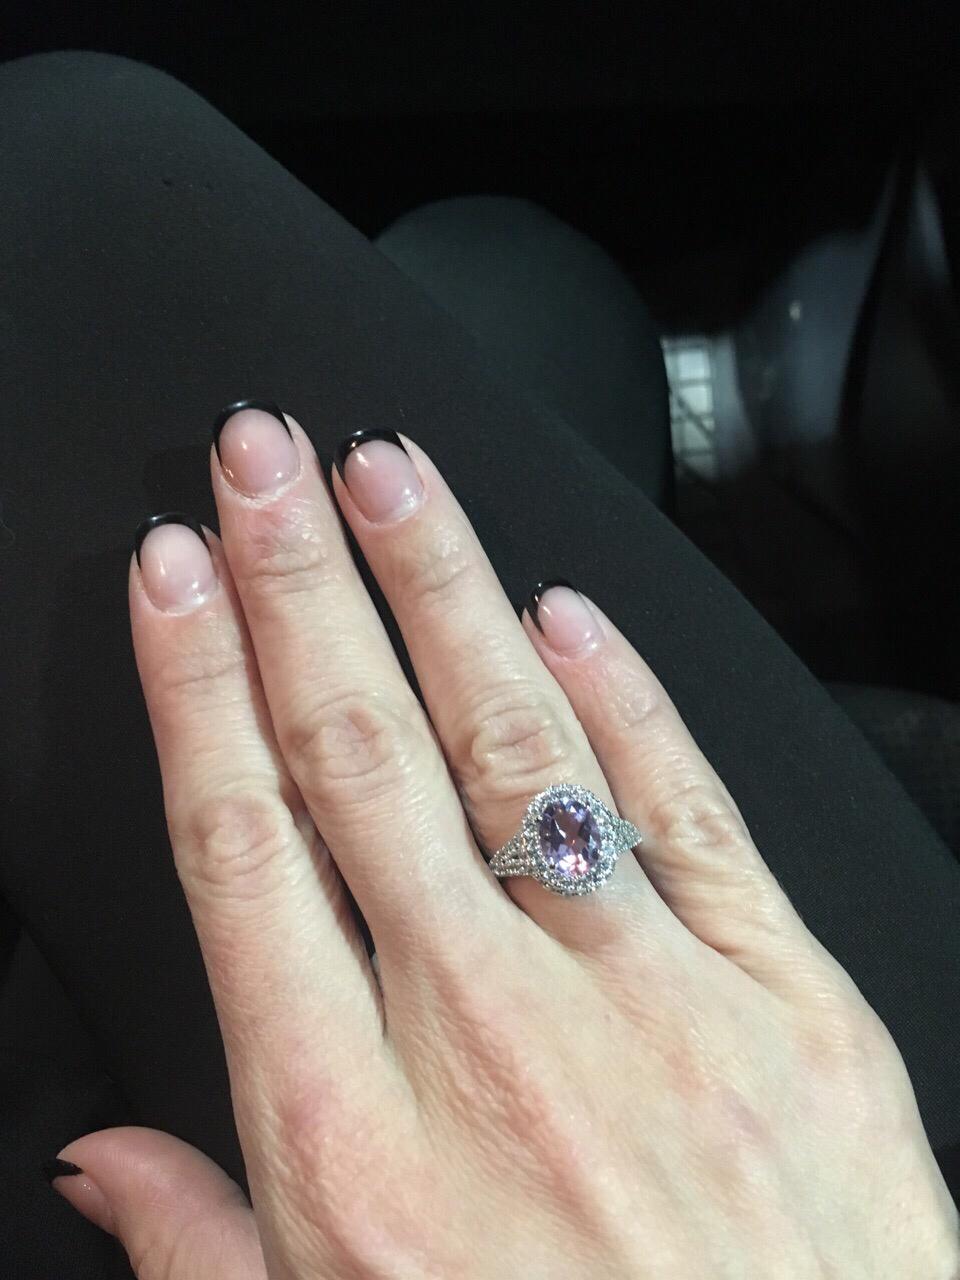 Очень красиво кольцо )